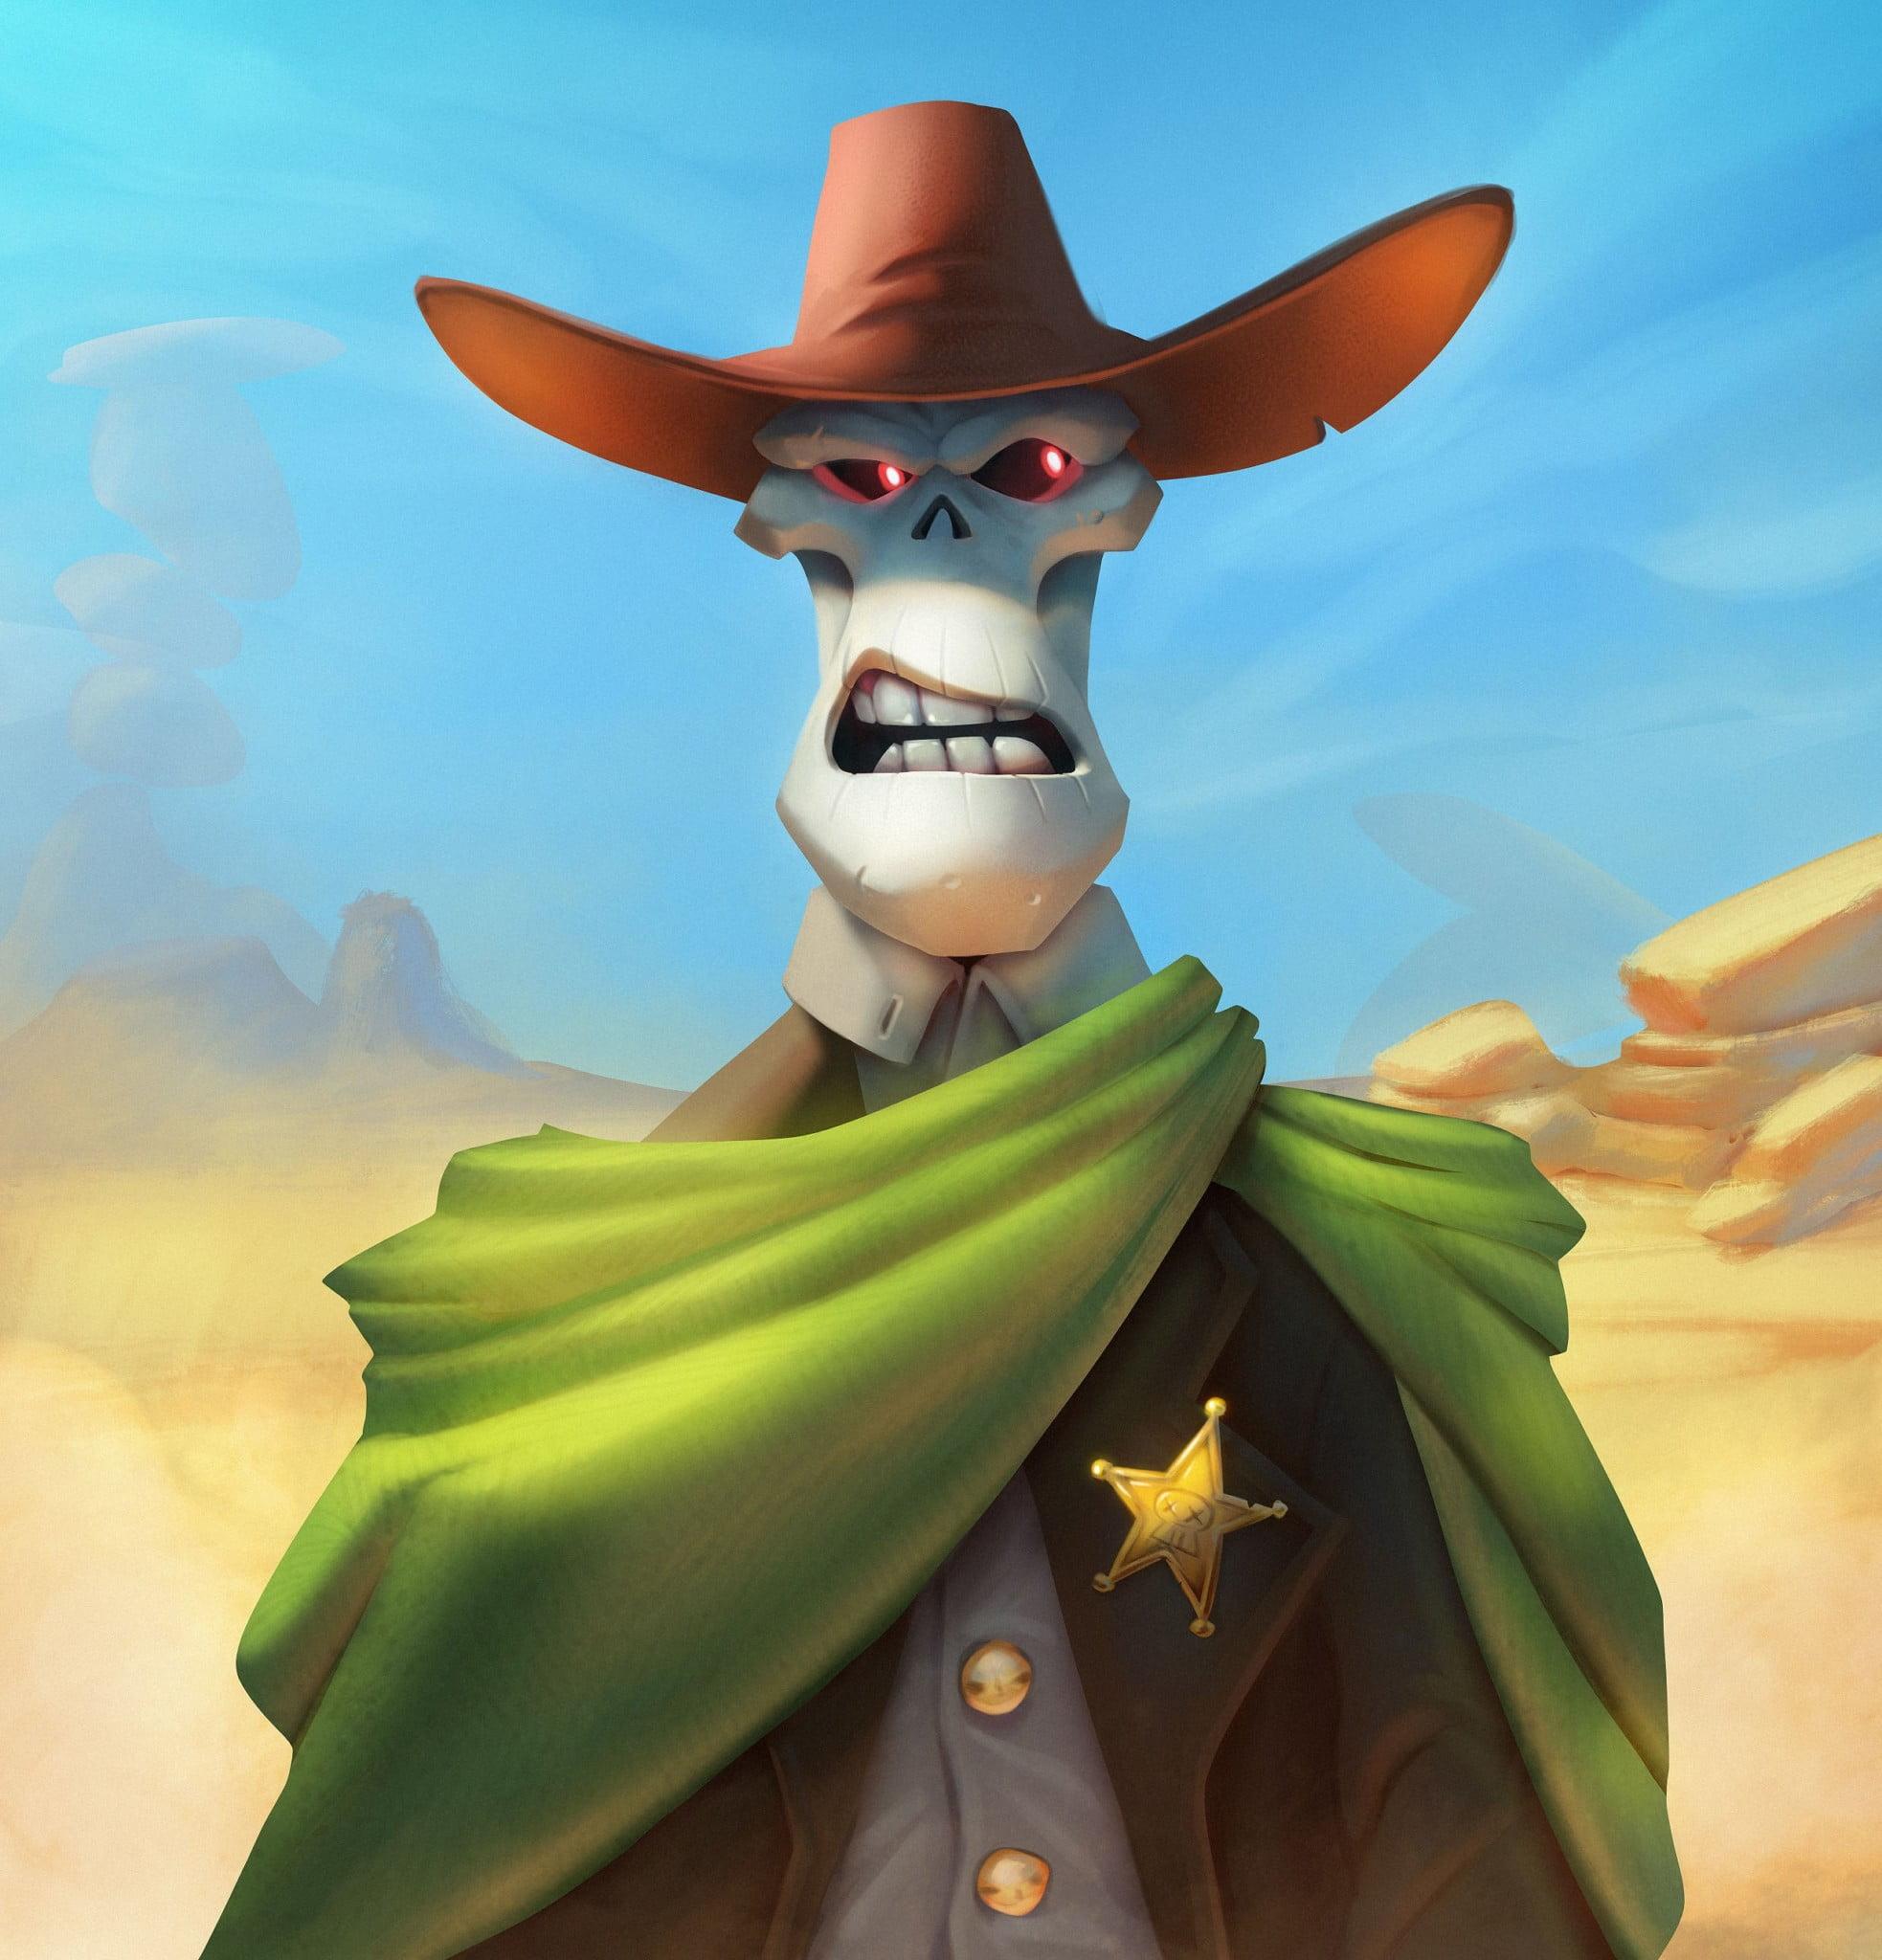 2D Skeleton Sheriff Character Illustration